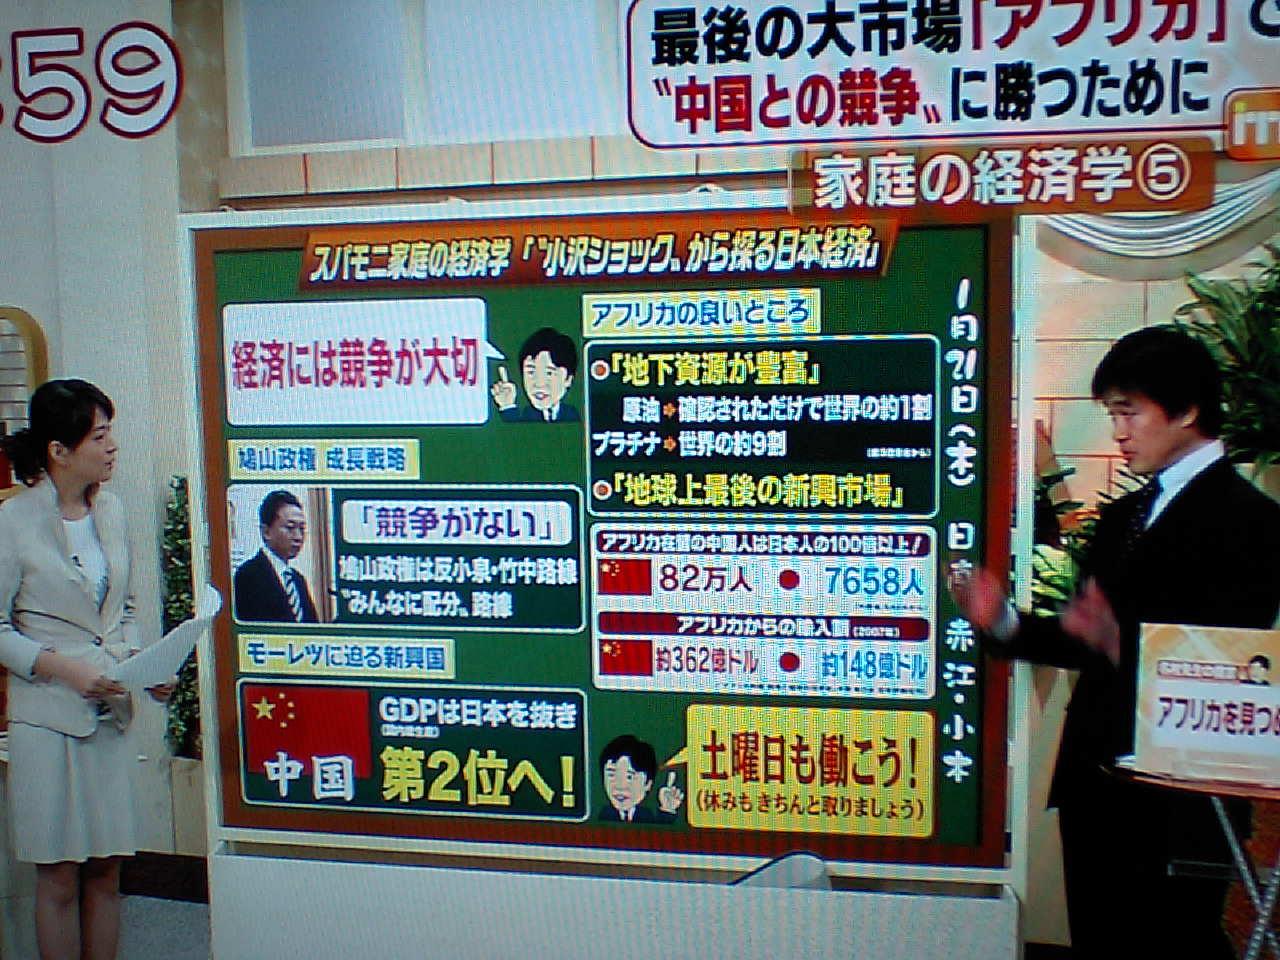 テレビ朝日の番組から 中国も経済大国に?_d0027795_905179.jpg